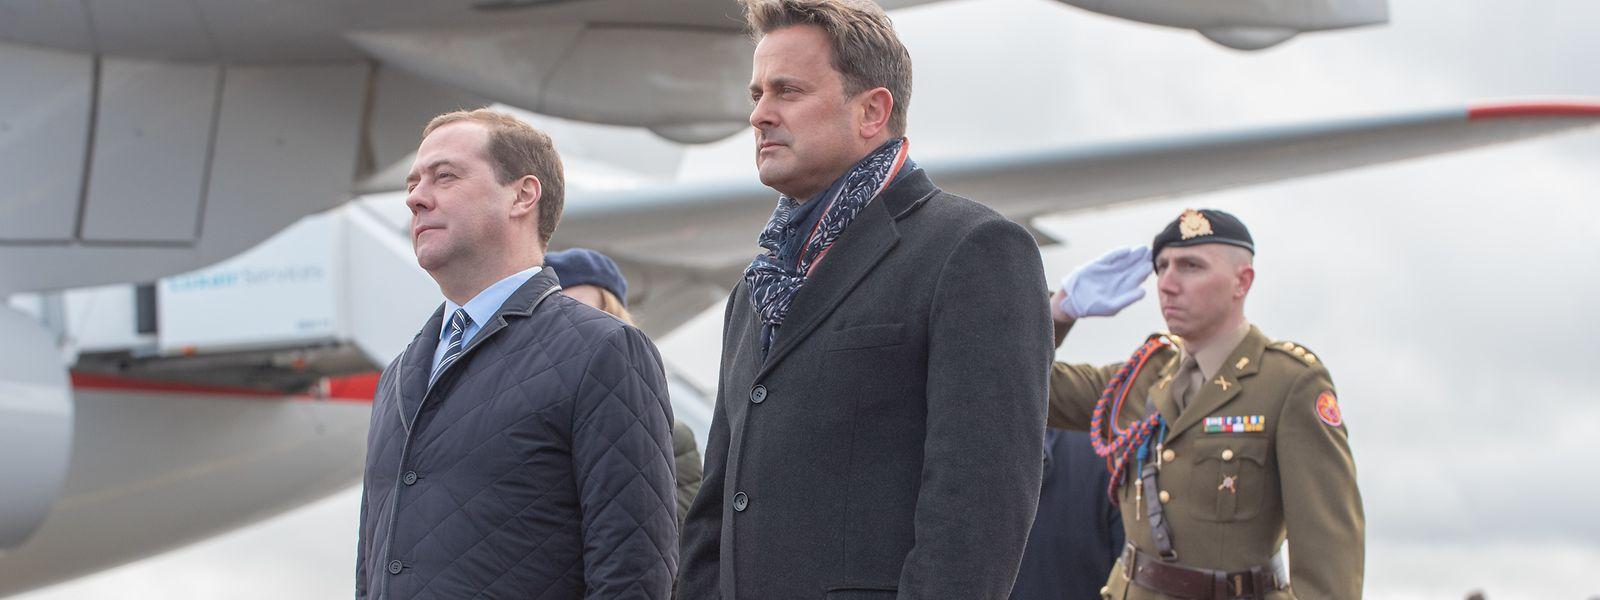 Dimitri Medvedev, Premier ministre de la fédération de Russie et Xavier Bettel, Premier ministre